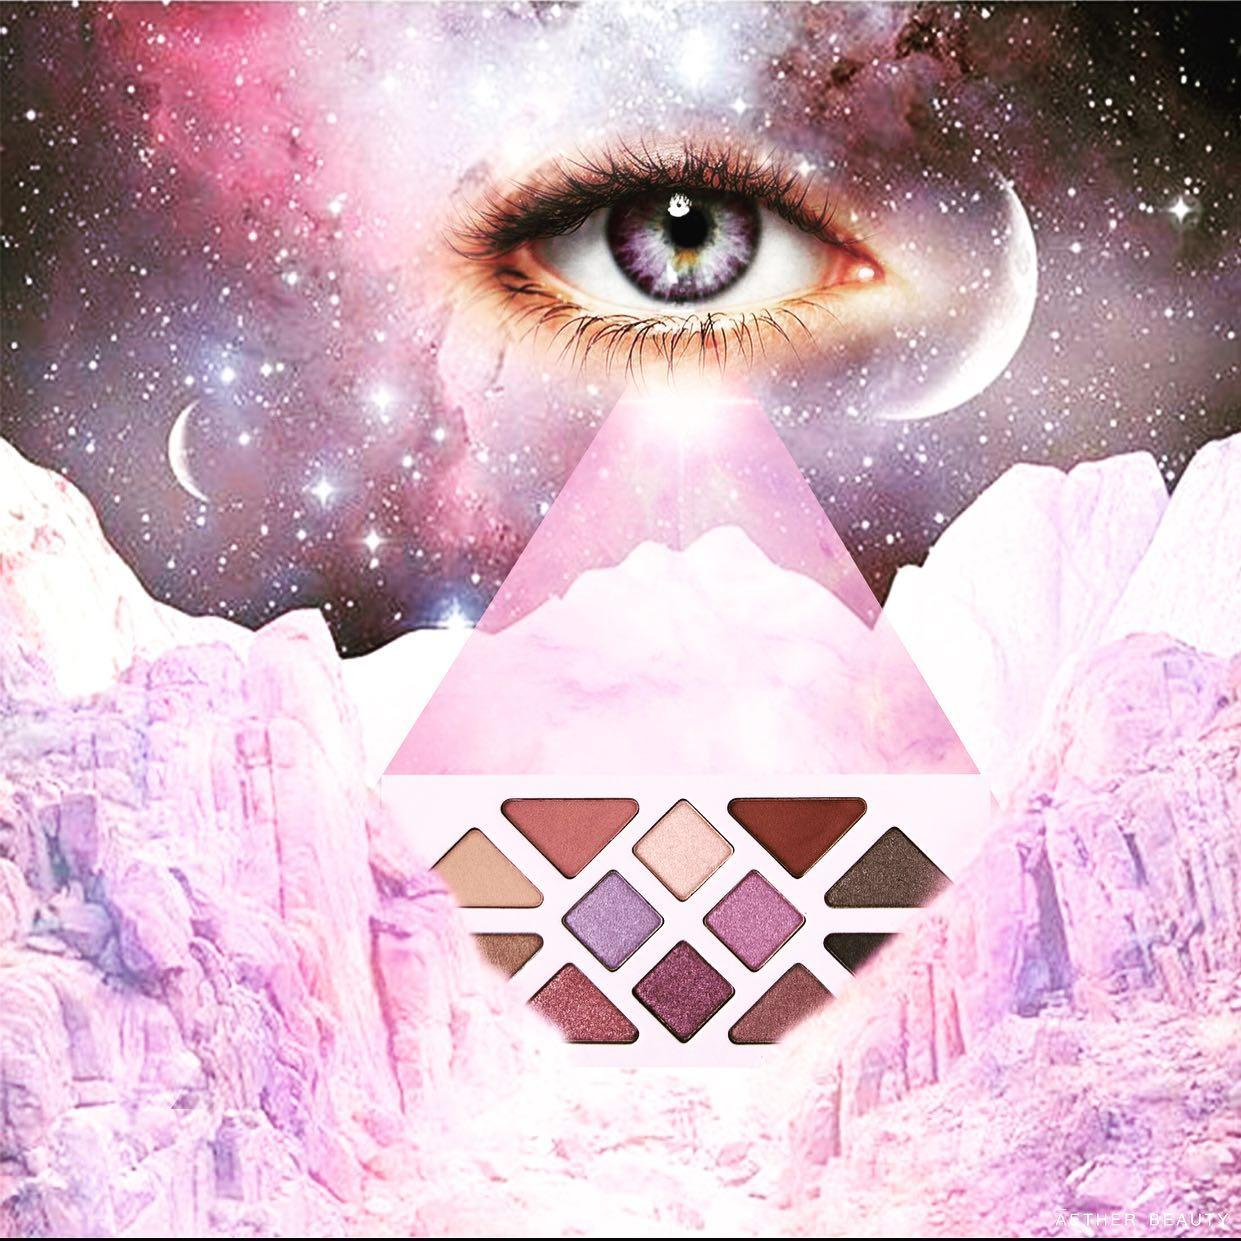 Aether Beauty líčící paletka Amethyst Crystal Gemstone inspirovaná vesmírem